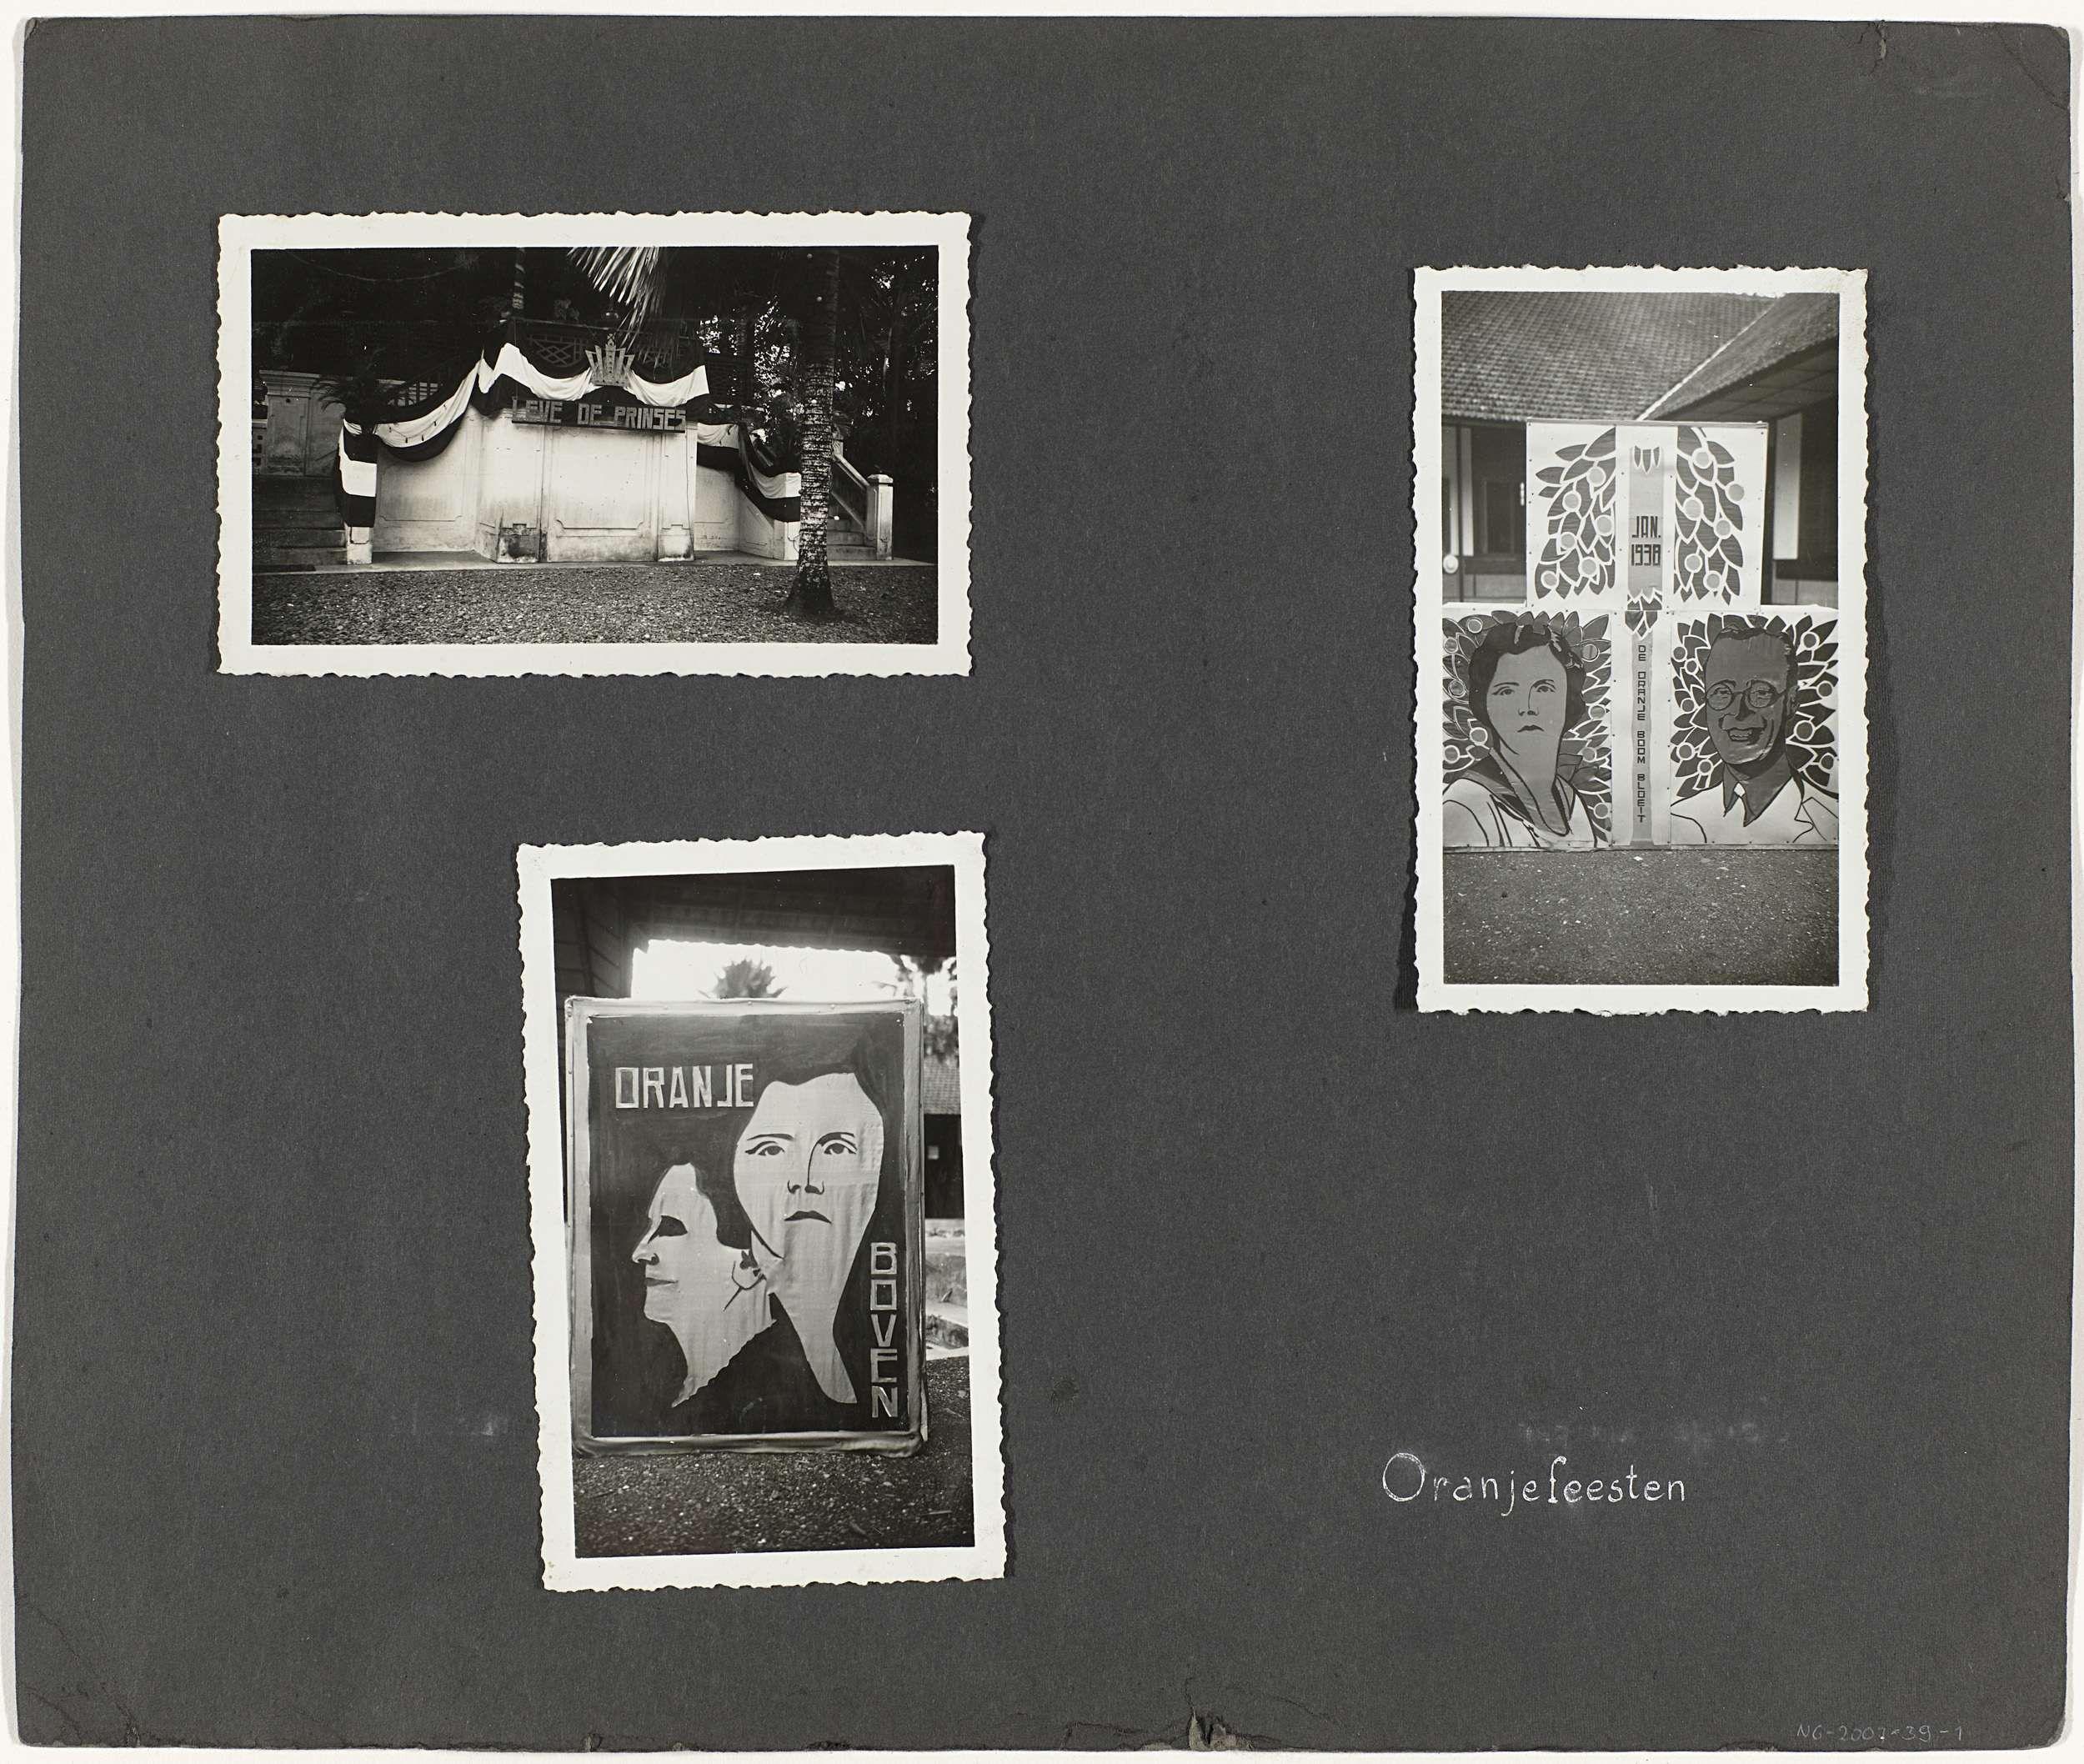 Anonymous | Oranjefeesten, Anonymous, 1938 | Albumblad met drie foto's van versieringen voor een Oranjefeest ter gelegenheid van de geboorte van prinses Beatrix op 31 januari 1938. Onderdeel van het losbladig fotoalbum over de Fraters van Tilburg op Celebes en Sumatra.